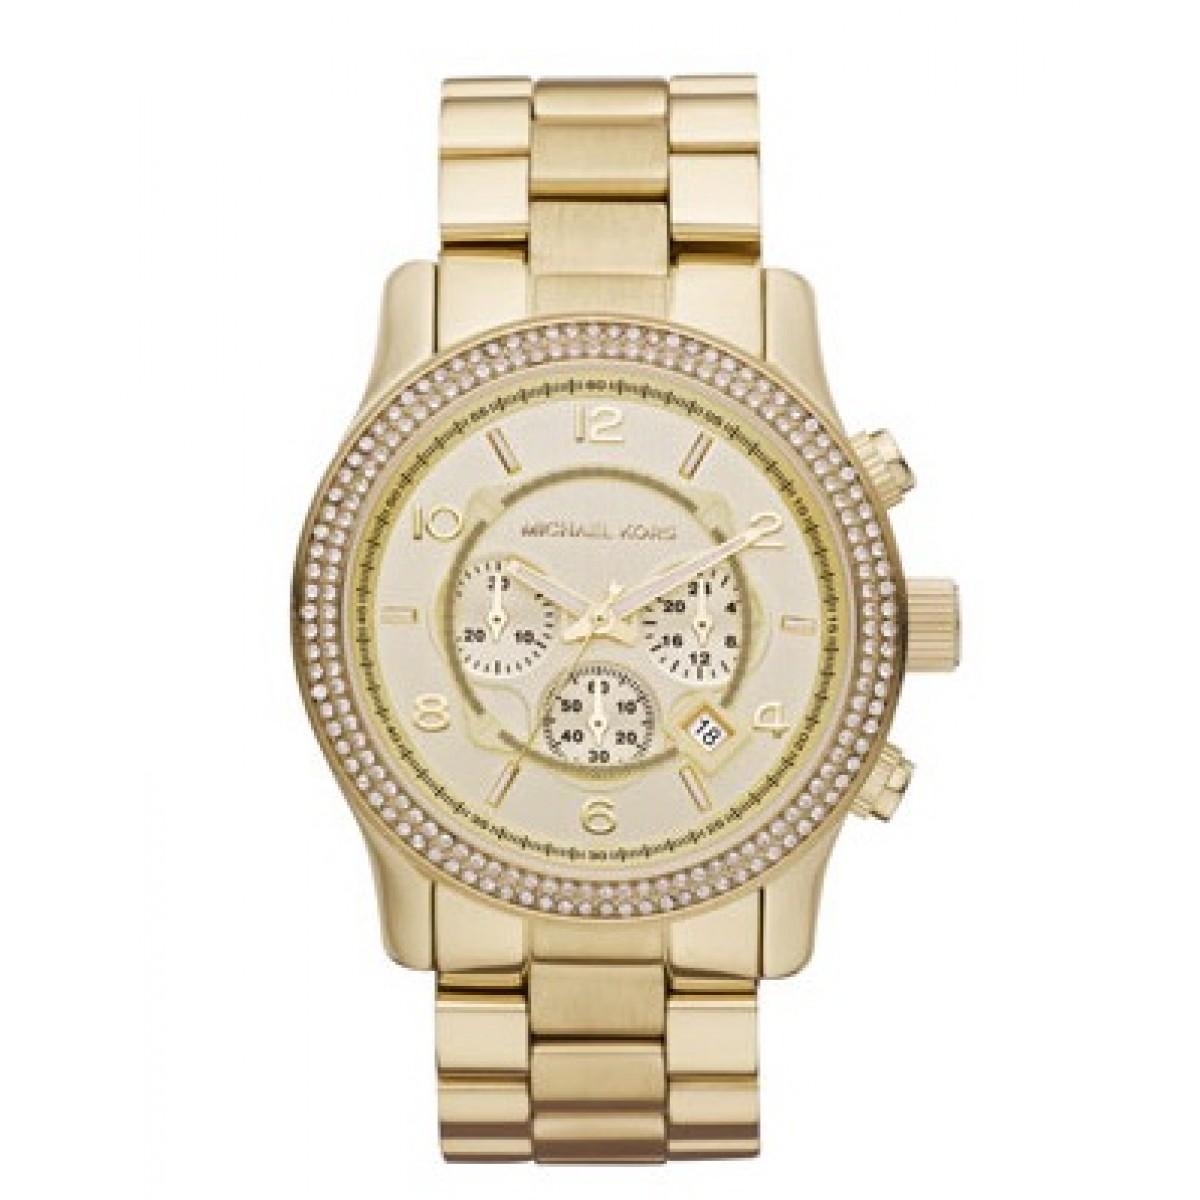 ac7a529496a melhor relogio do site de réplicas Top 5 relógios digitais  Porque ...